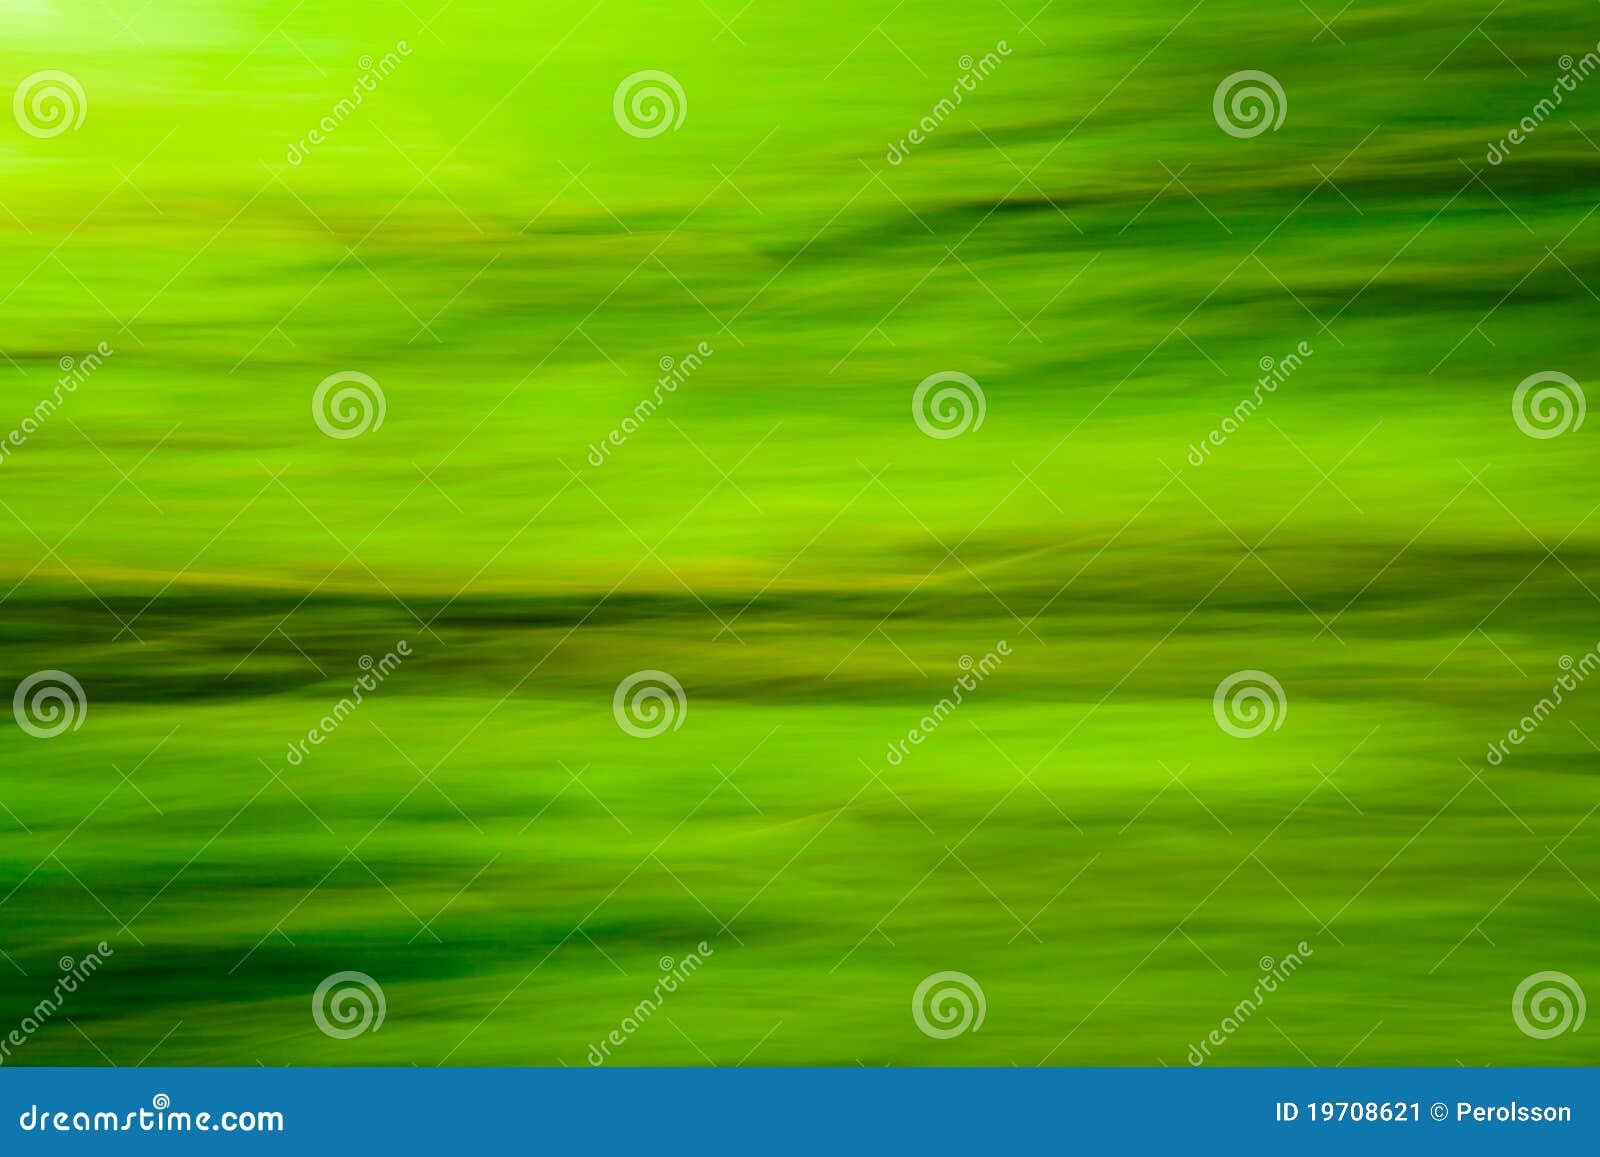 Falta de definición del verde de la naturaleza